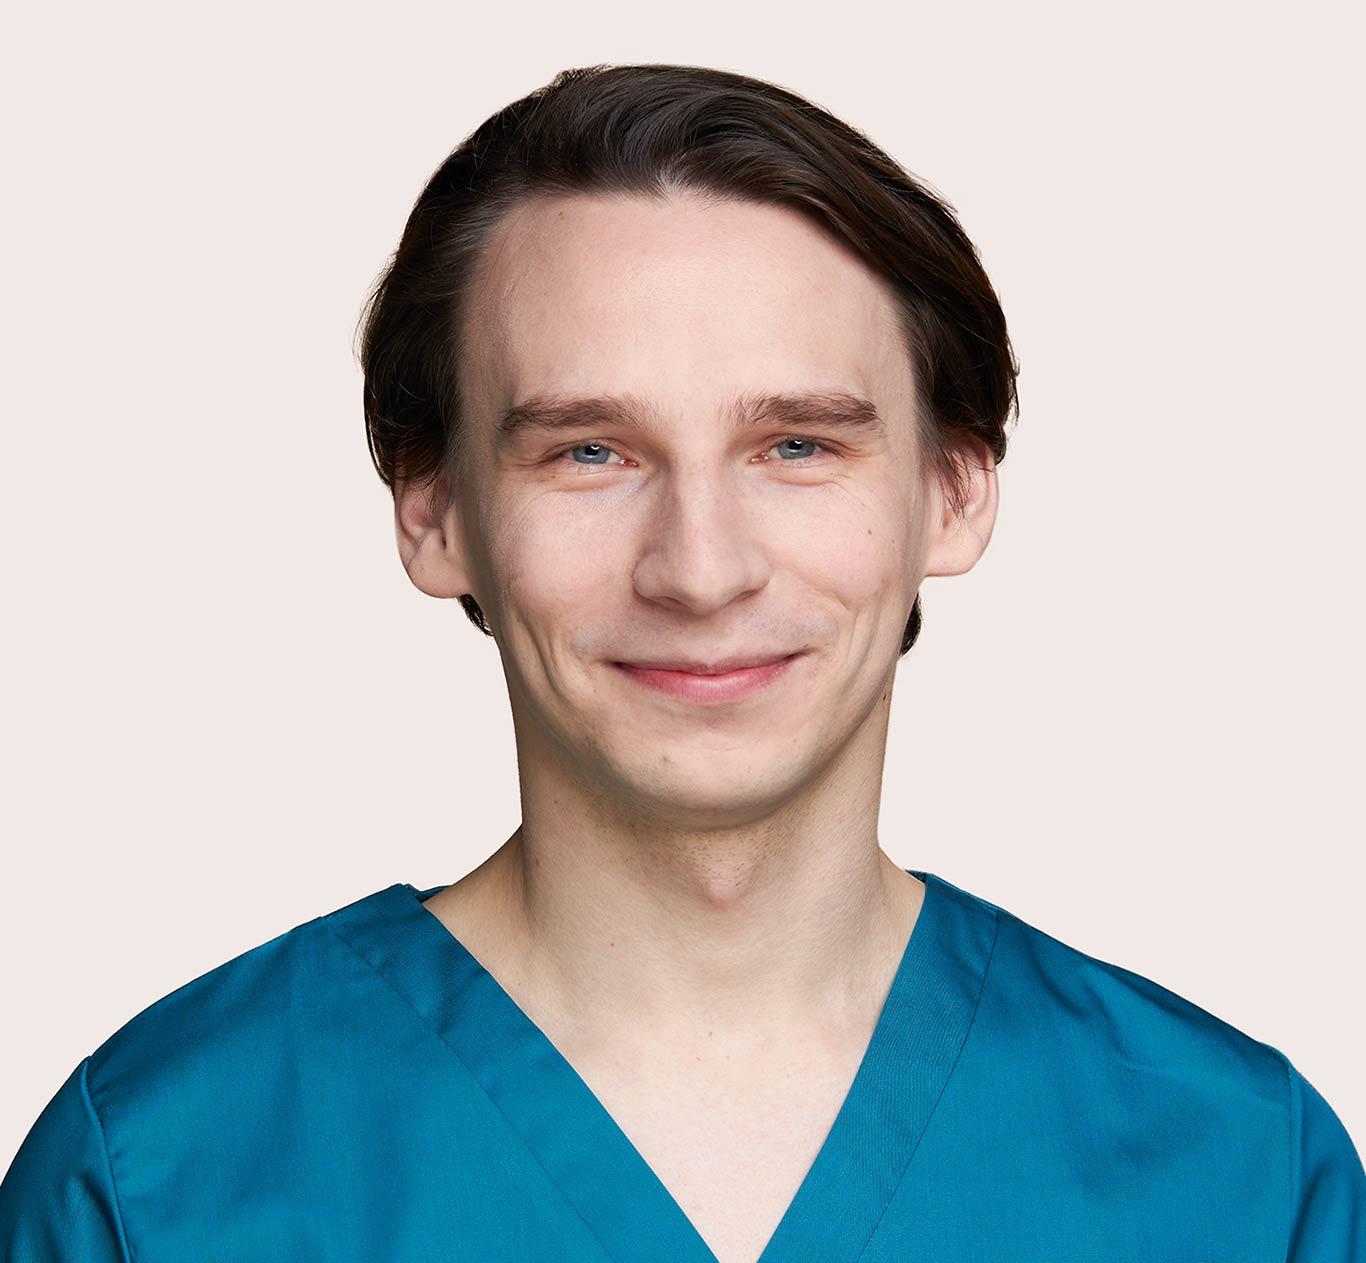 Drn. med. Wiktor Paskal